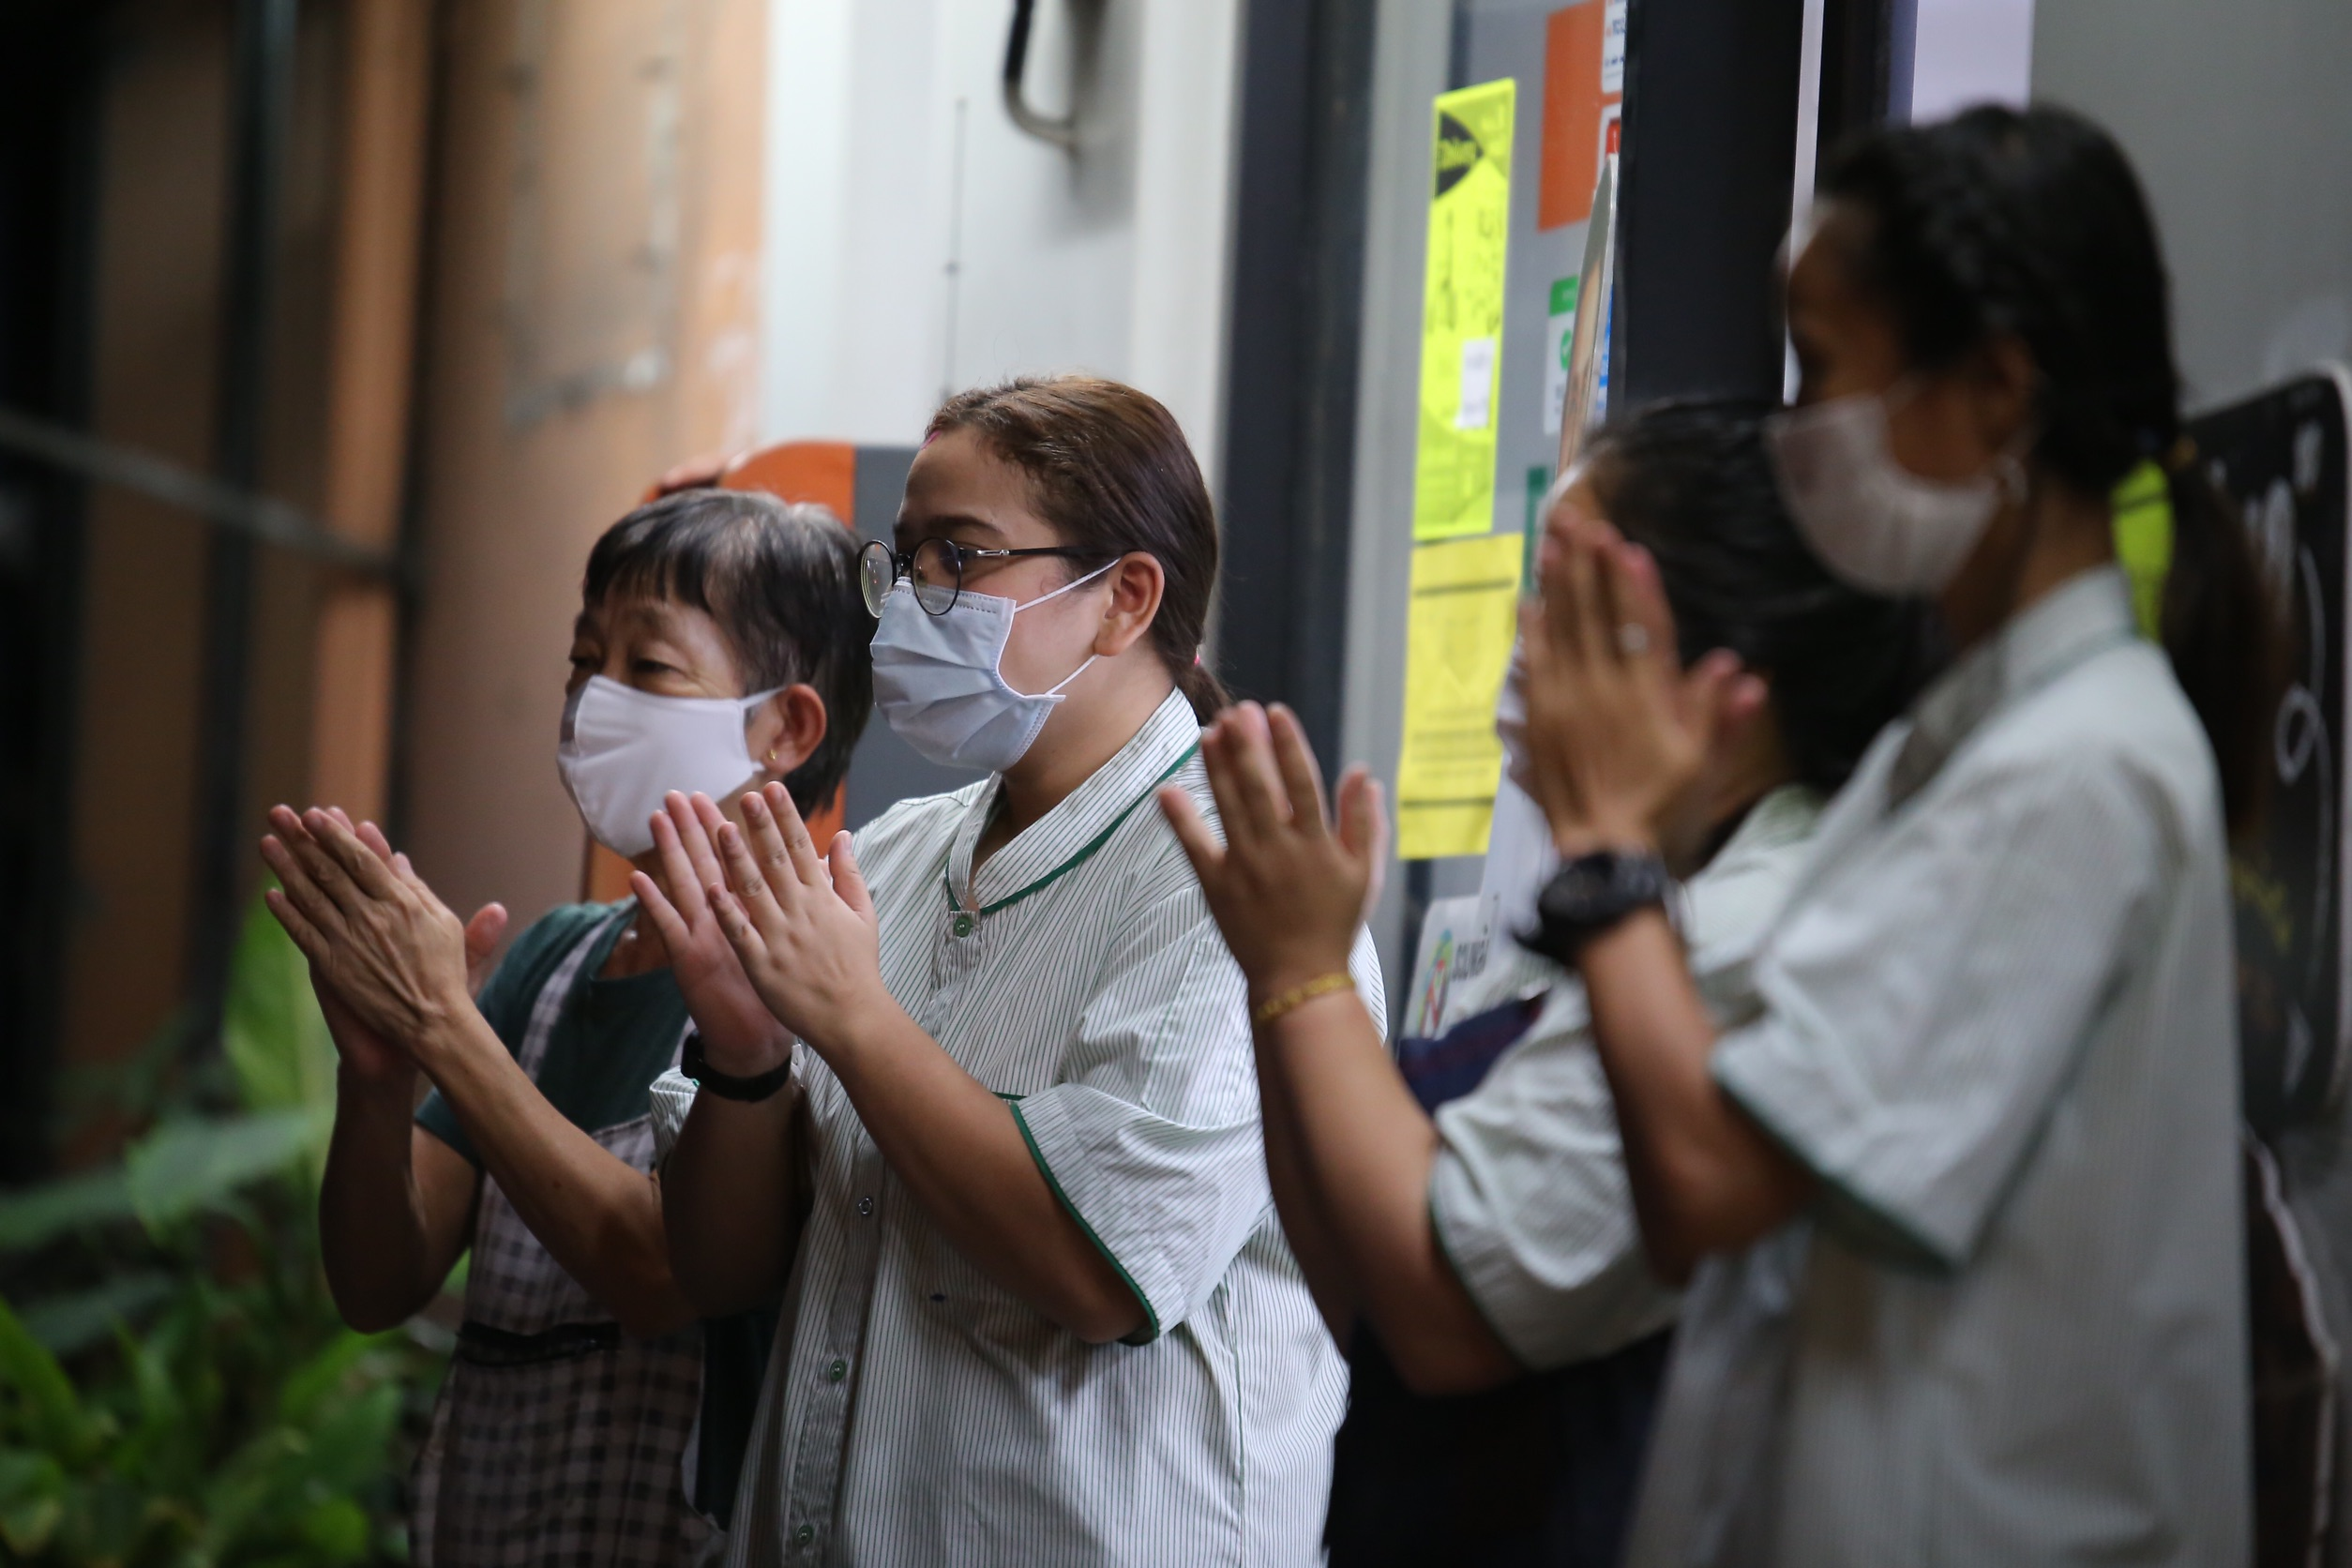 ประชาชนปรบมือให้กำลังใจบุคลากรทางการแพทย์ | 29 มี.ค. 63